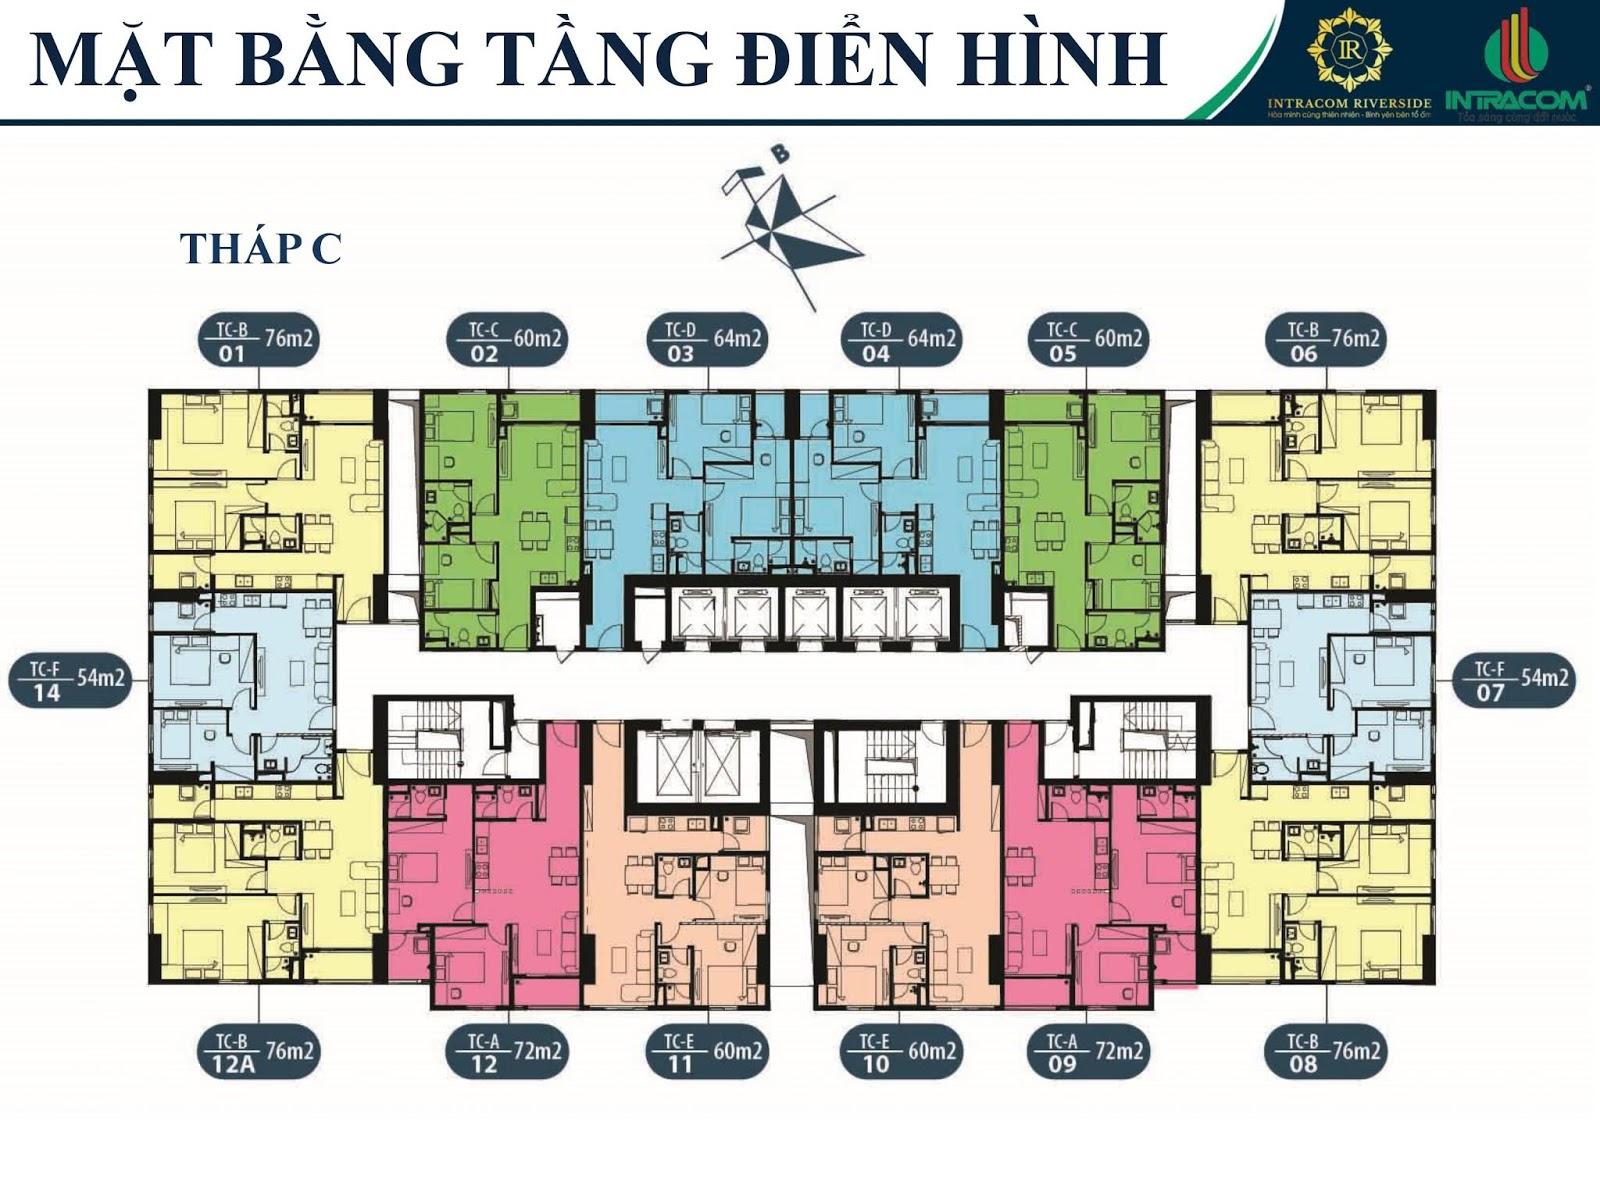 Mặt bằng thiết kế căn hộ tòa C